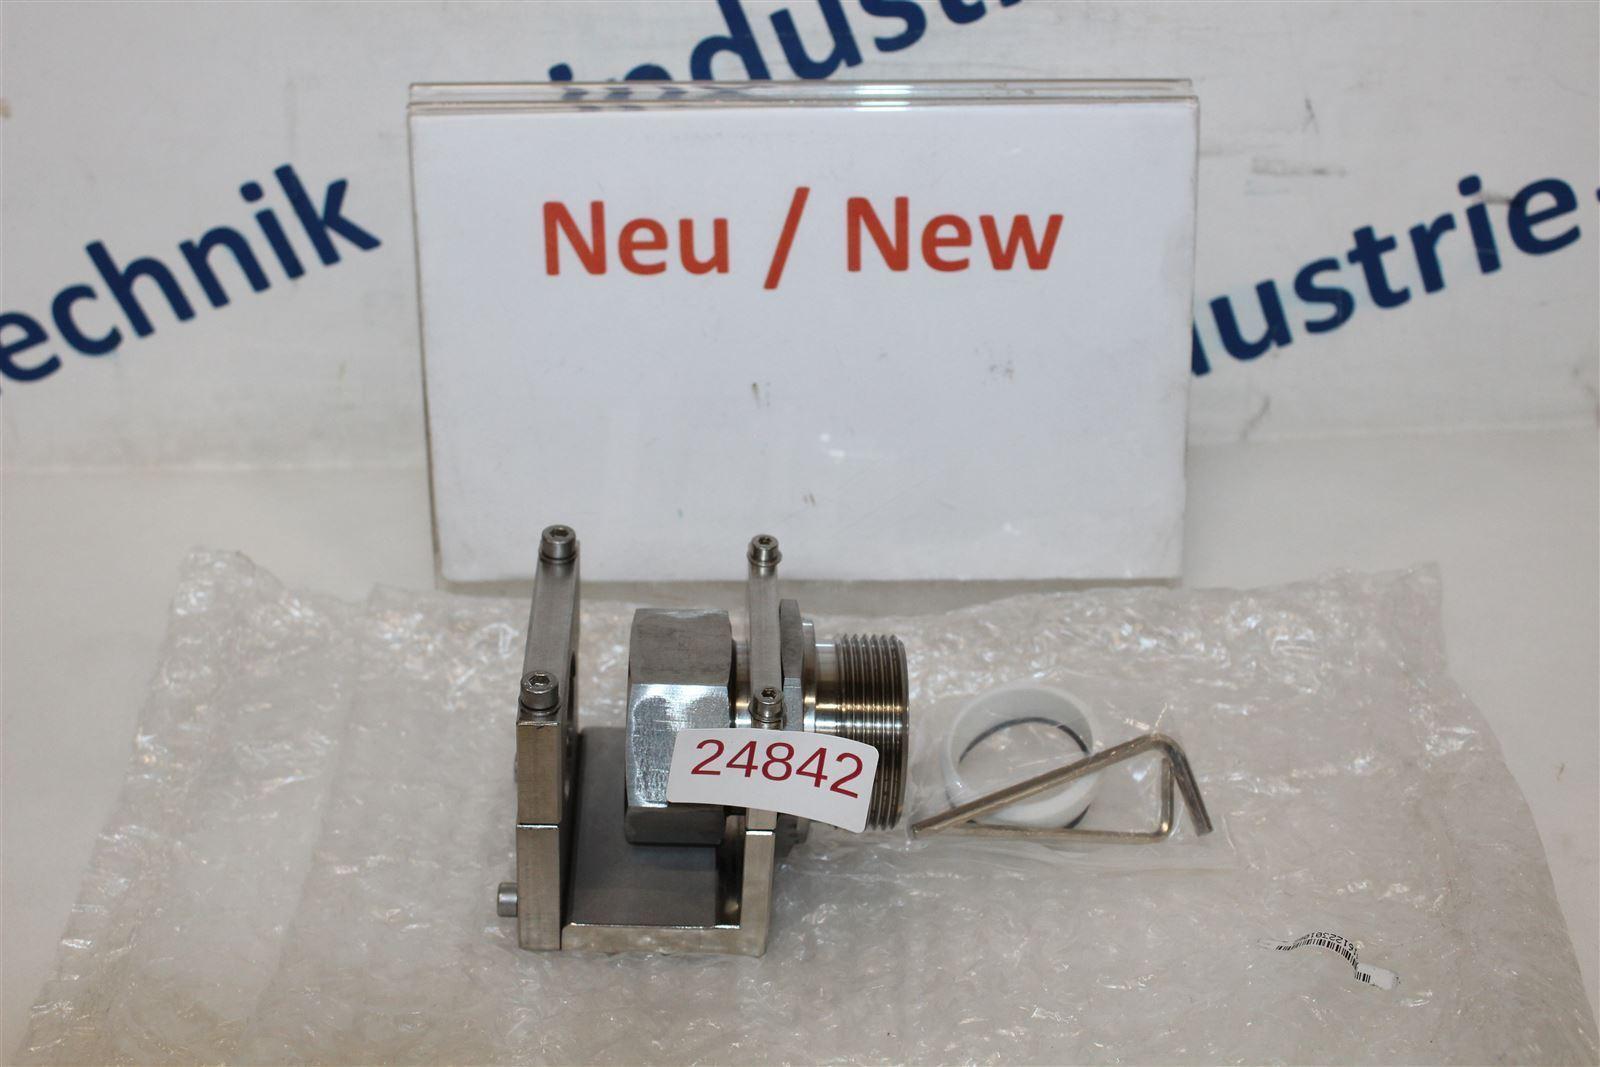 Sonstige 25cm Ø 4mm Universal-planen-gummi Spanngummi Expander Planenspanner Spannfix